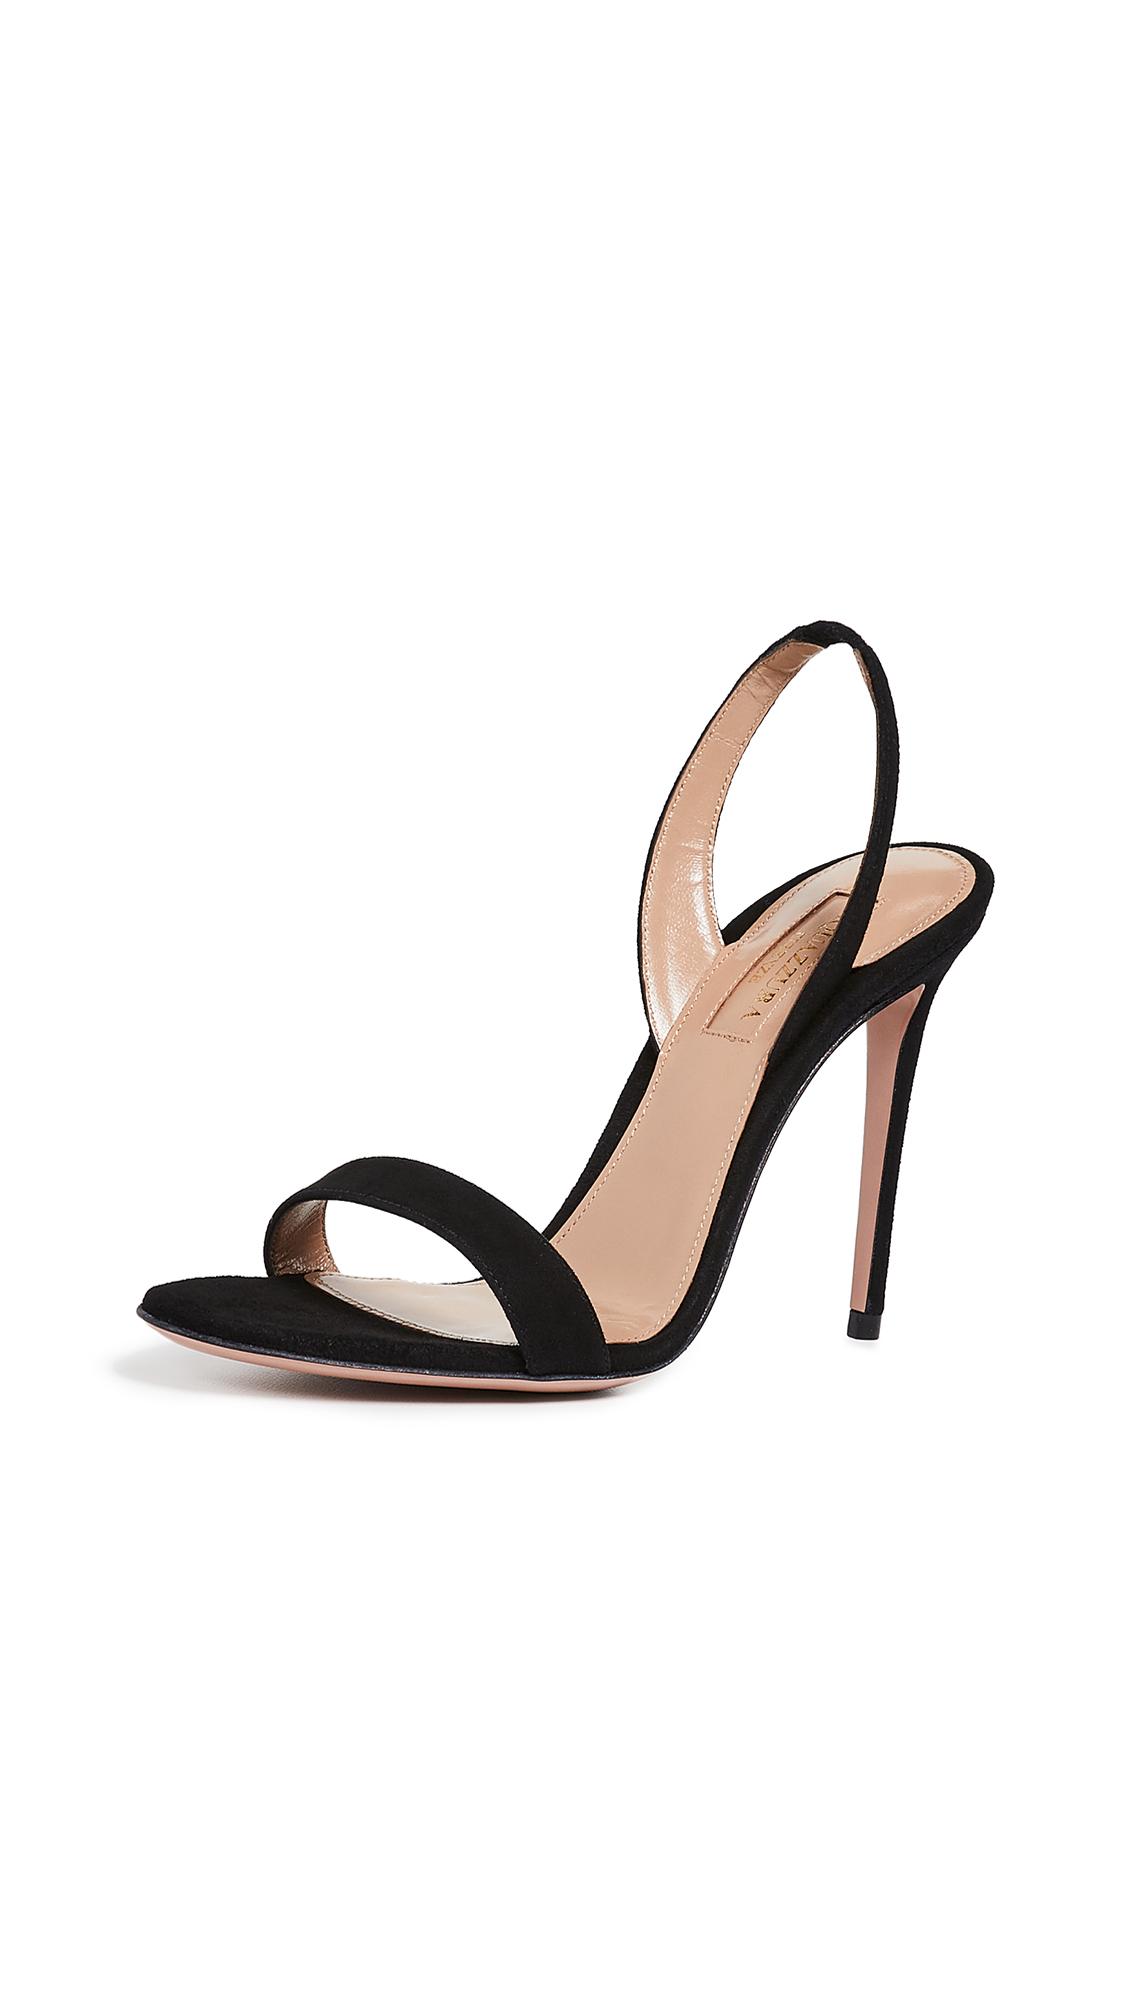 Buy Aquazzura online - photo of Aquazzura 105mm So Nude Sandals